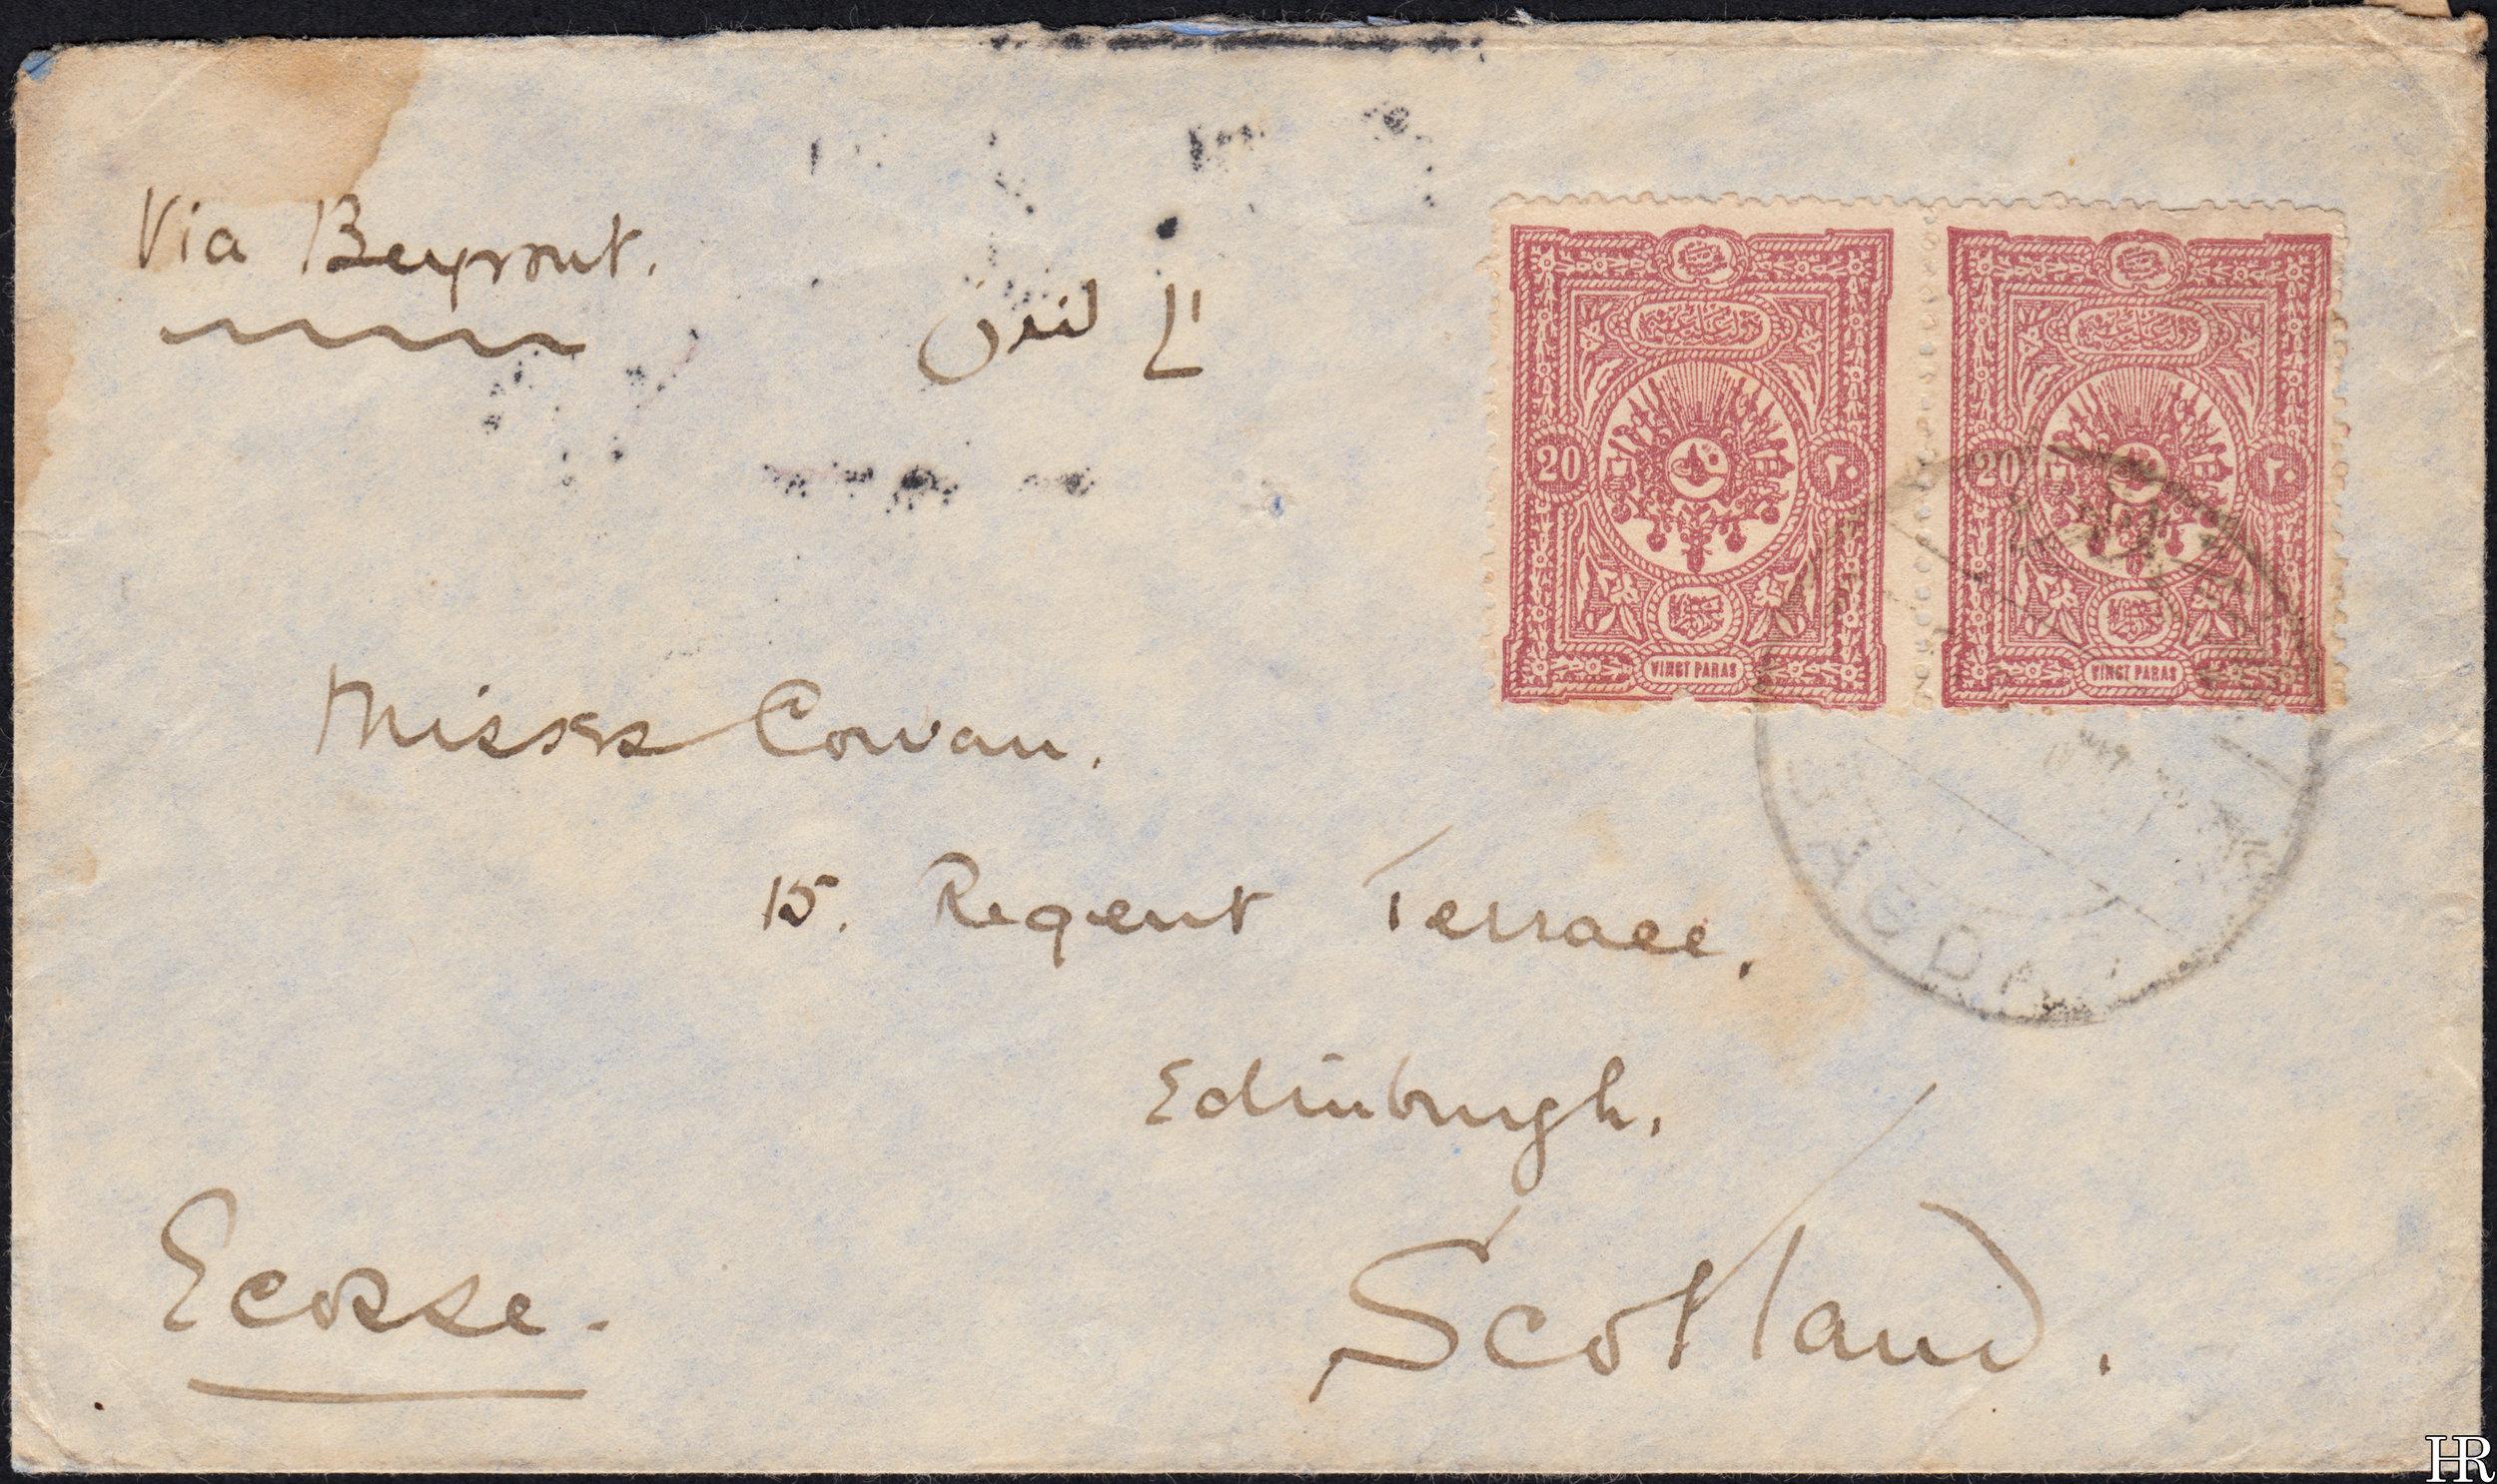 C-IRAQ-1900-Baghdad-1a.jpg